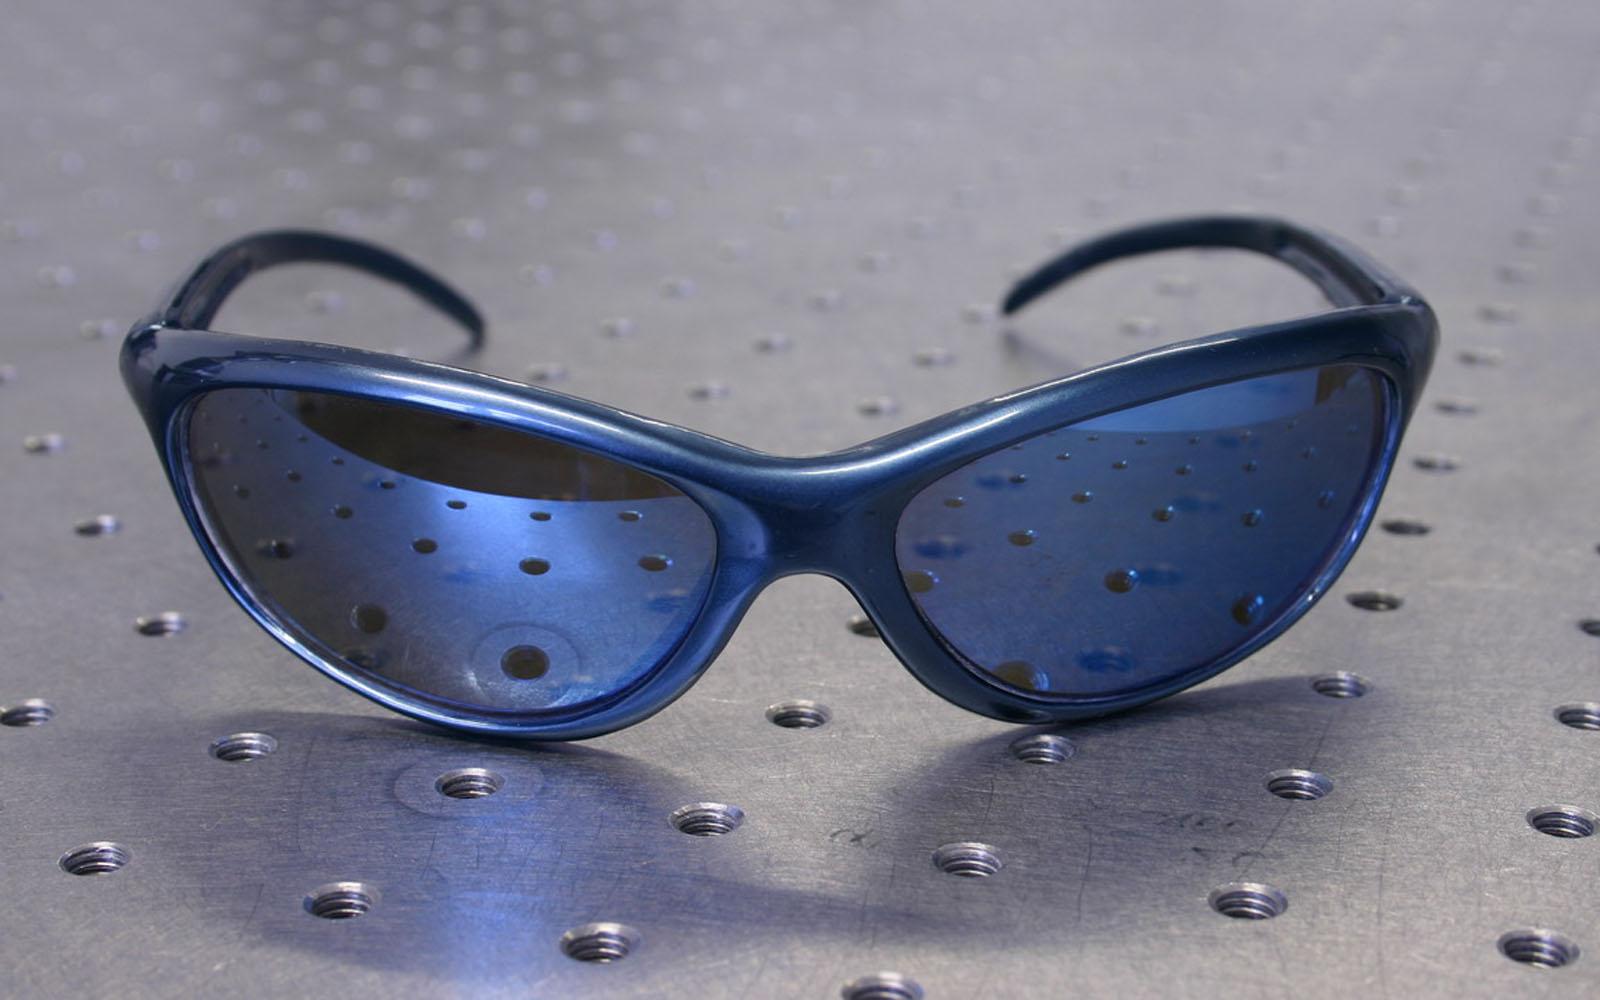 Conap 3D Reverse Engineering - Sonnenbrille auf dem Messtisch